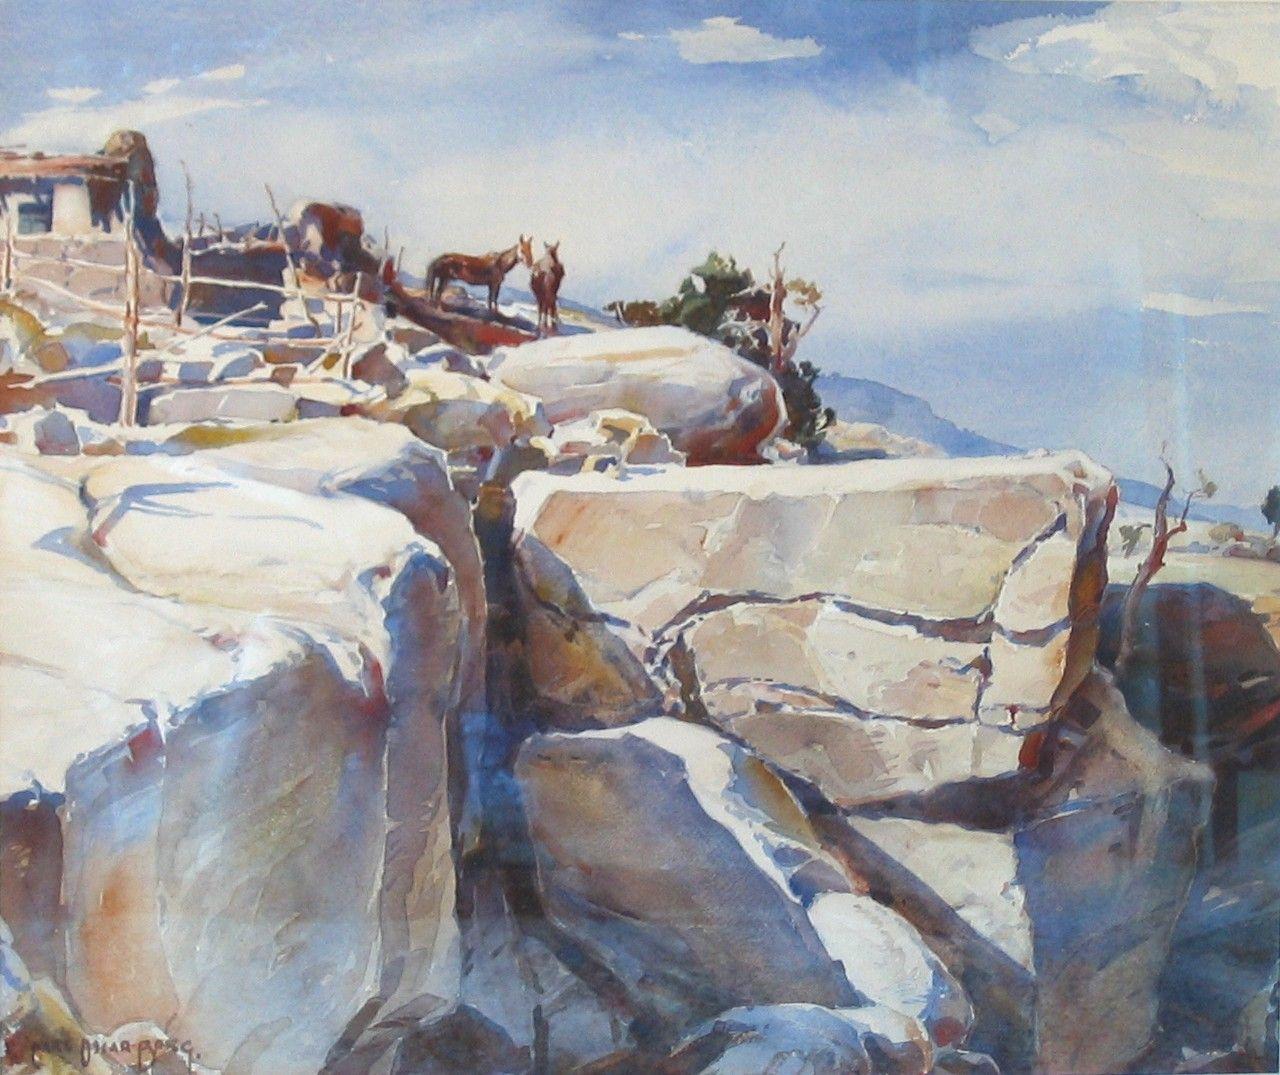 CARL OSCAR BORG AT THE EDGE OF A PUEBLO